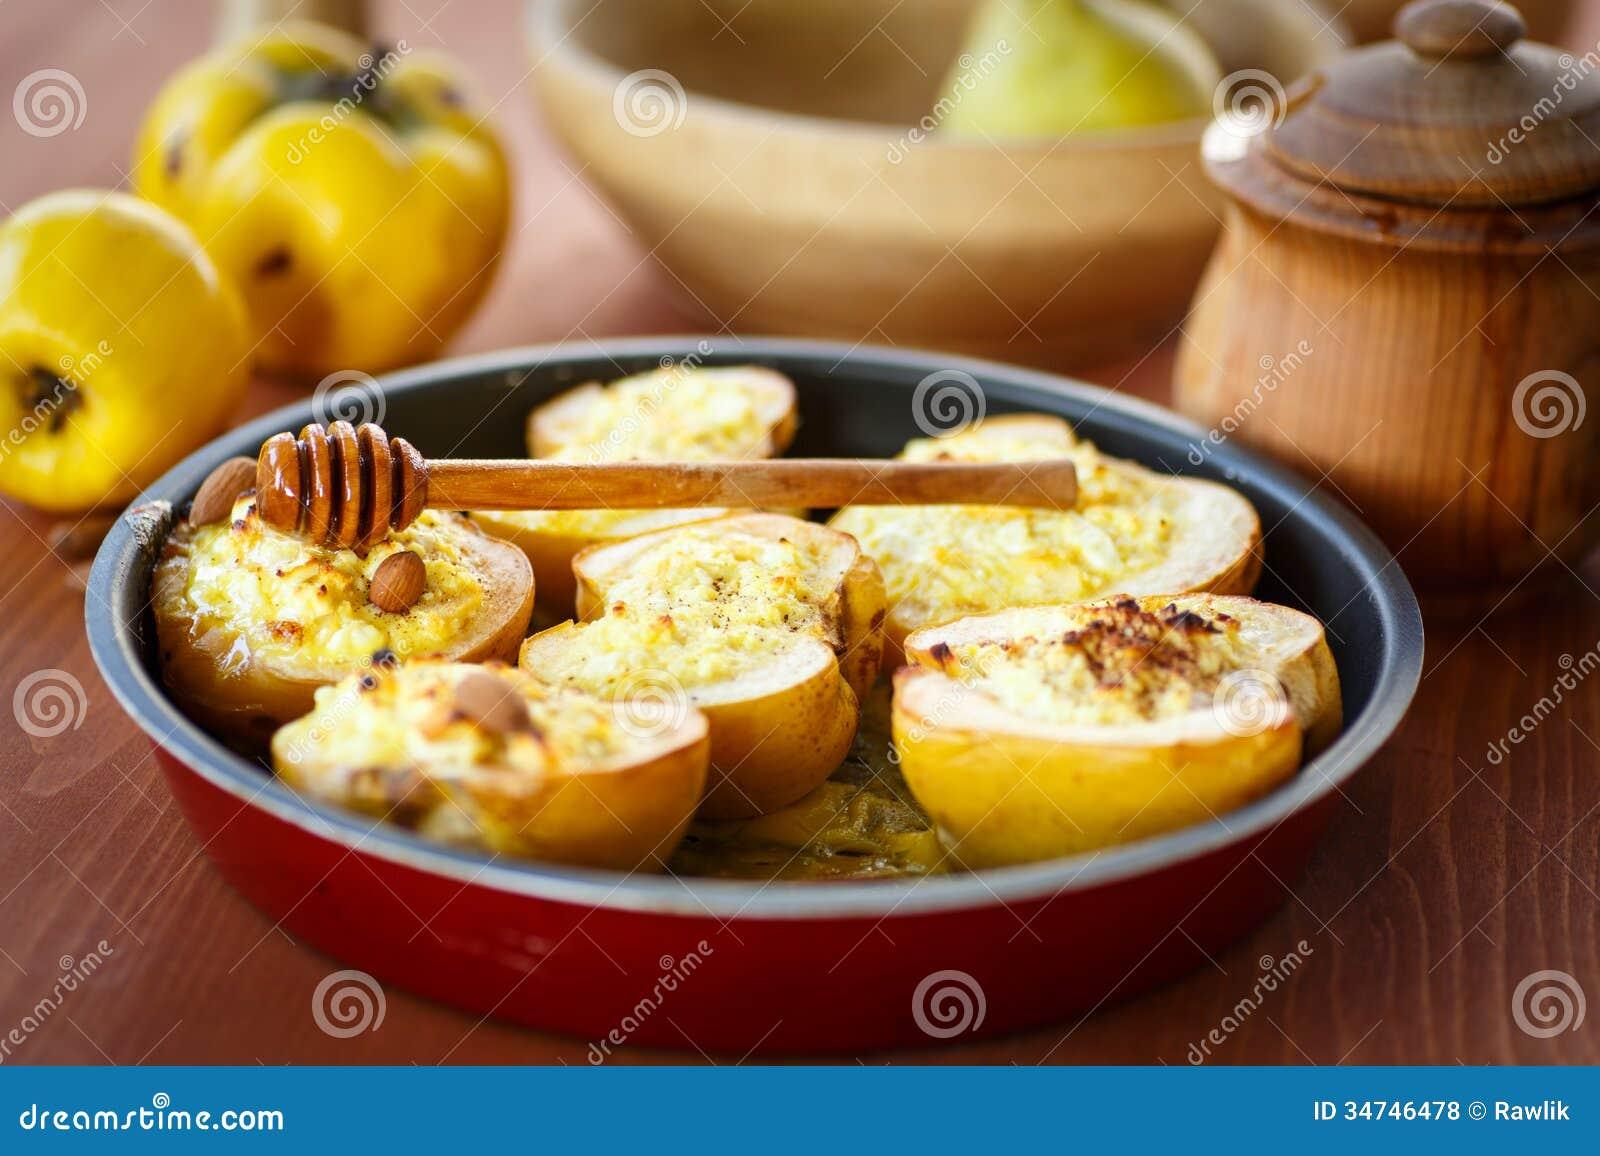 Айва рецепт национальная кухня